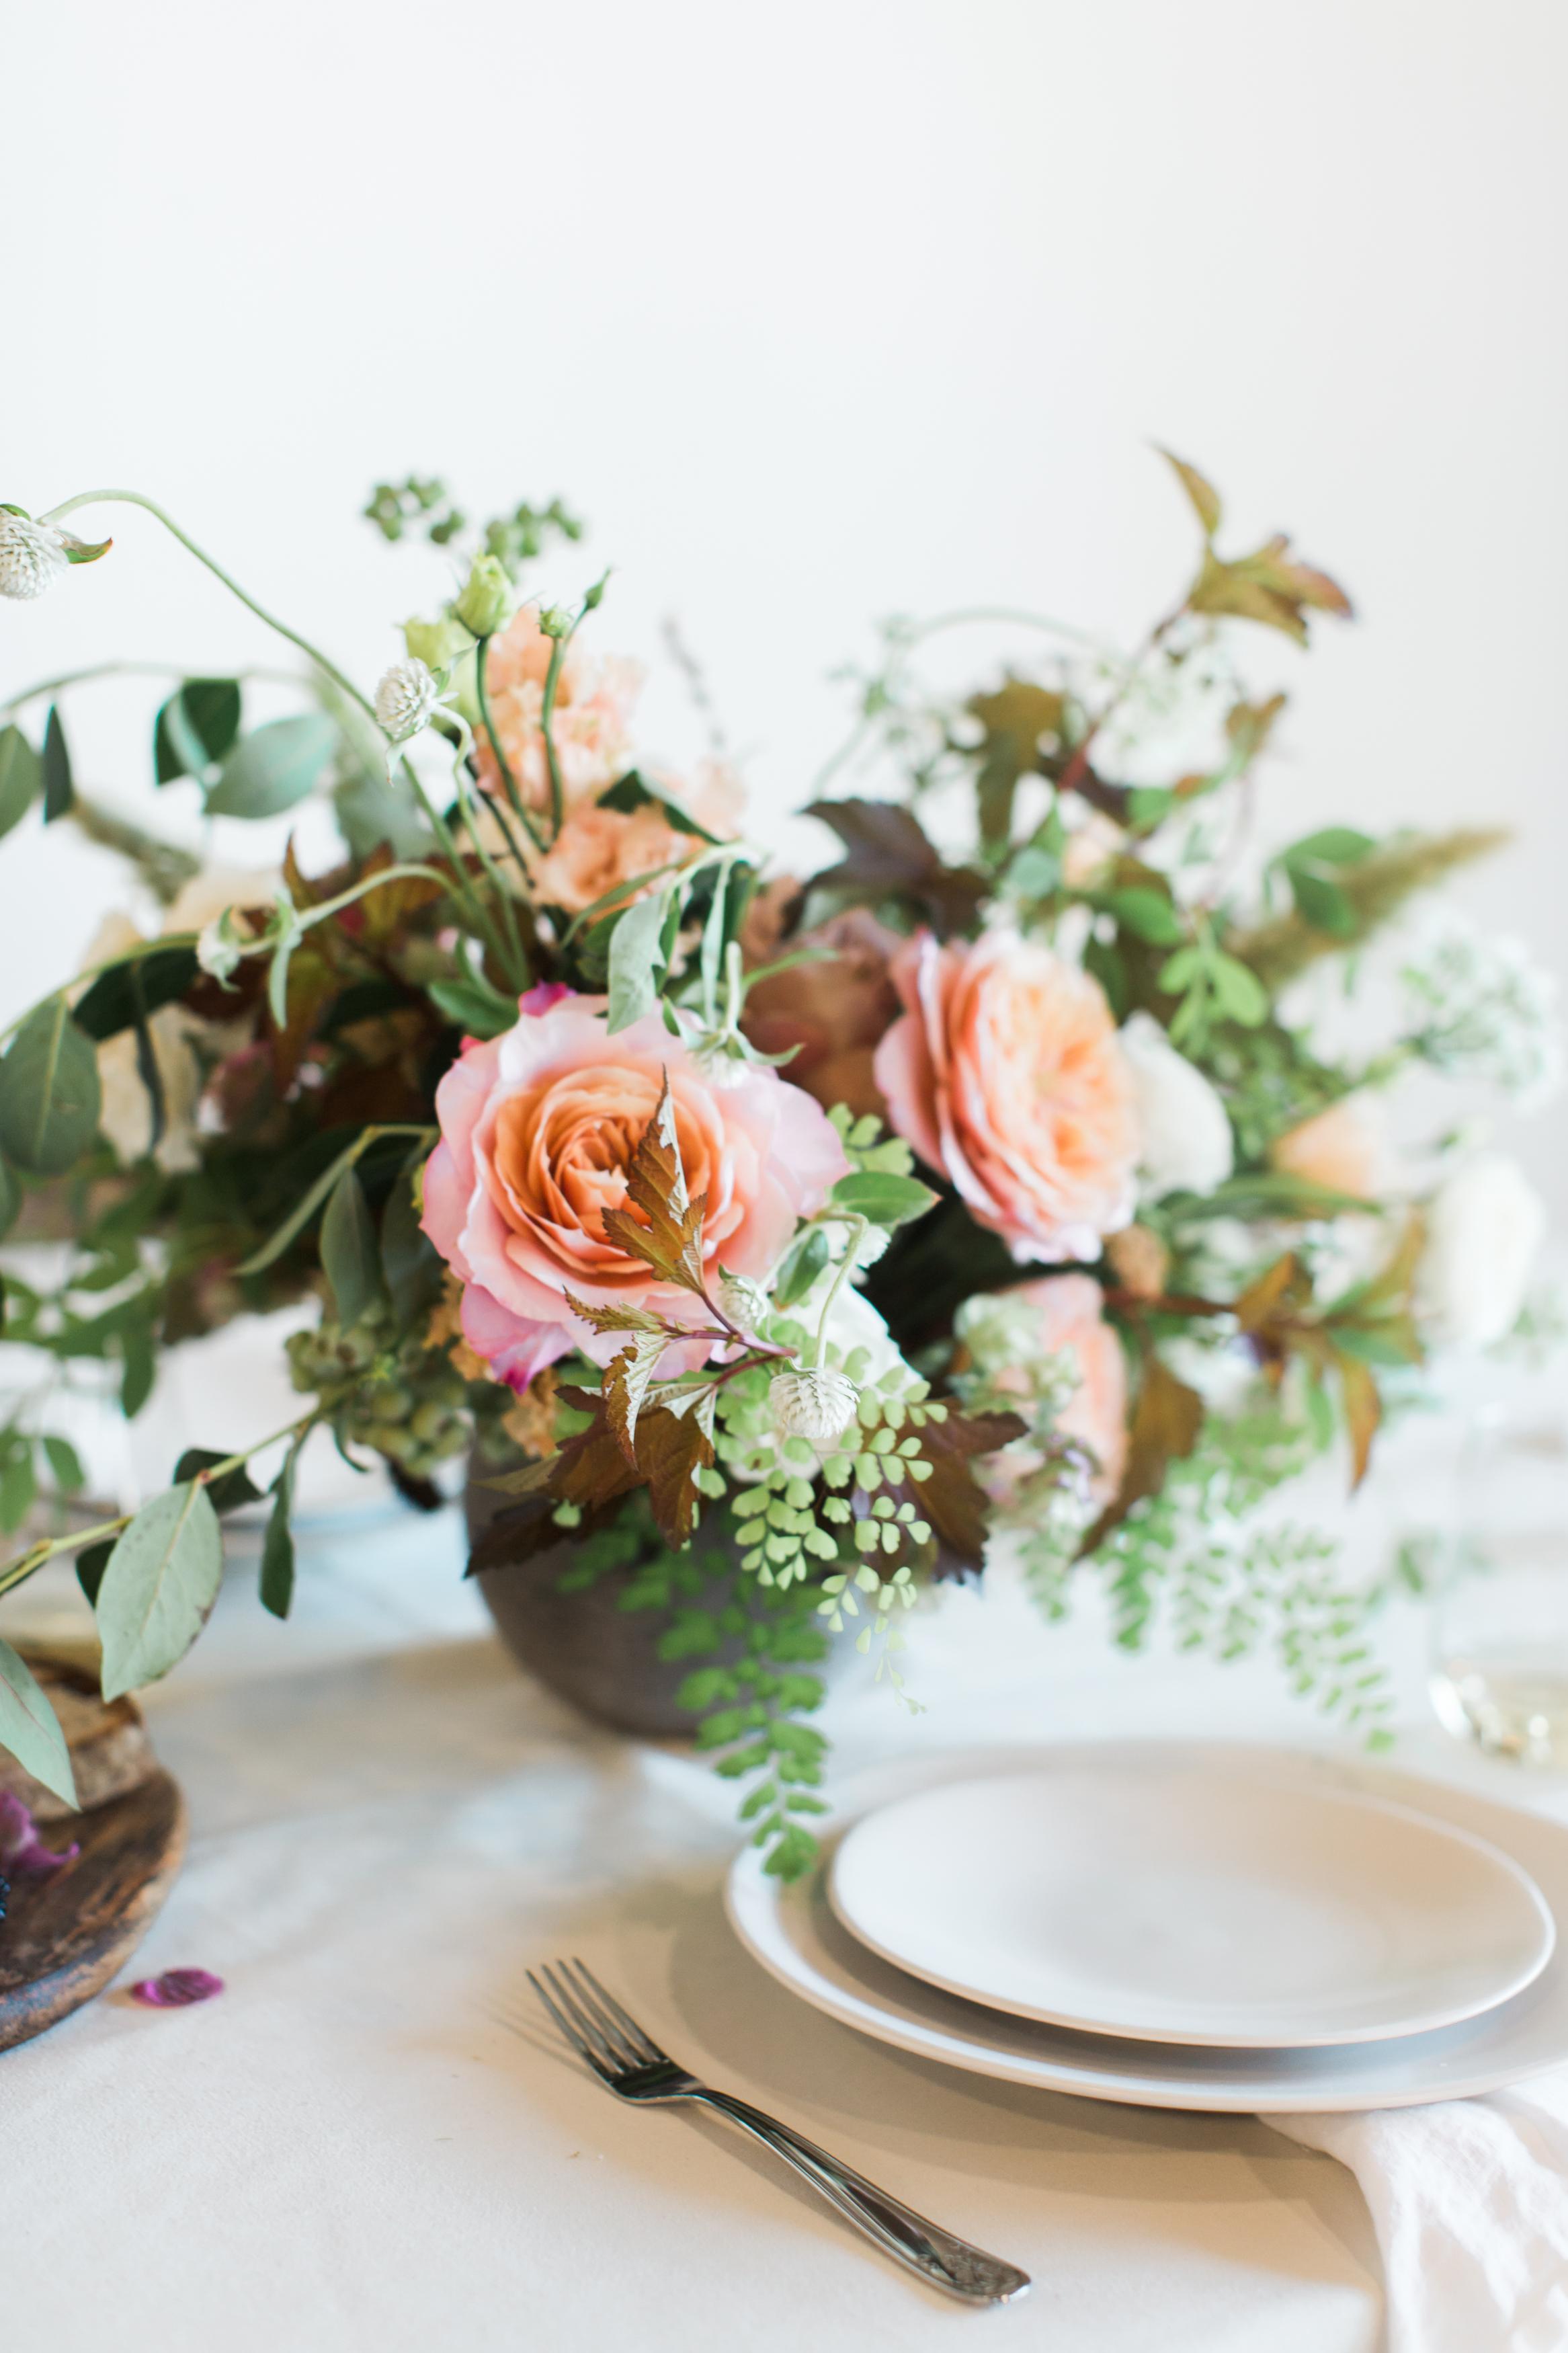 ashley-eileen-floral-design-garden-inspired-styled-session-wedding-centerpiece-denver-7.jpg